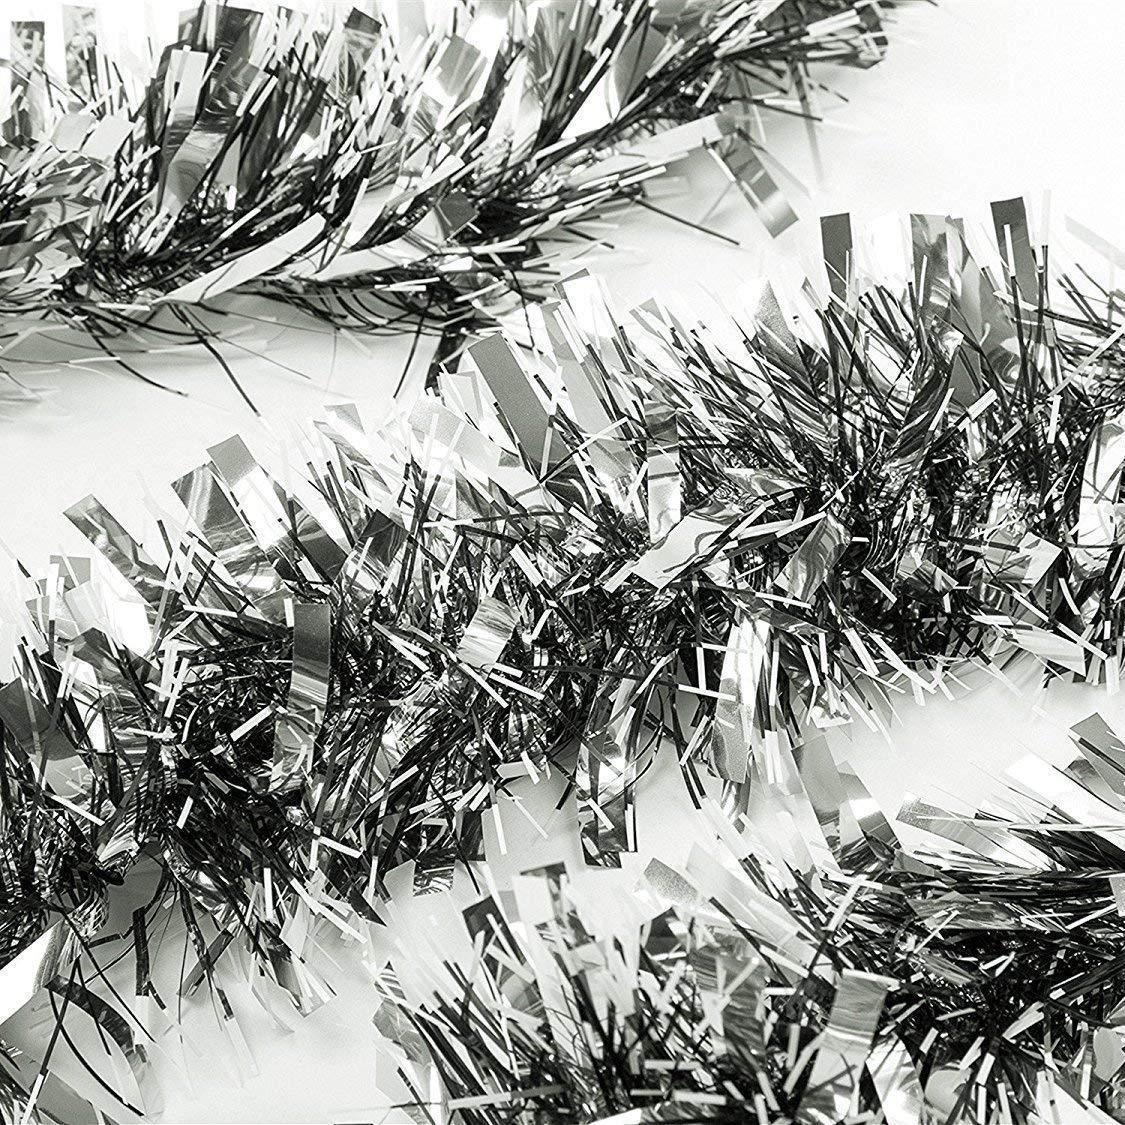 Bricolage d/écoration de f/ête de No/ël Whaline Lot de 15 guirlandes de No/ël en pin Artificiel 11,8 cm avec tiges de Verdure en Faux pin pour d/écoration de Vacances de No/ël d/écoration d/'int/érieur